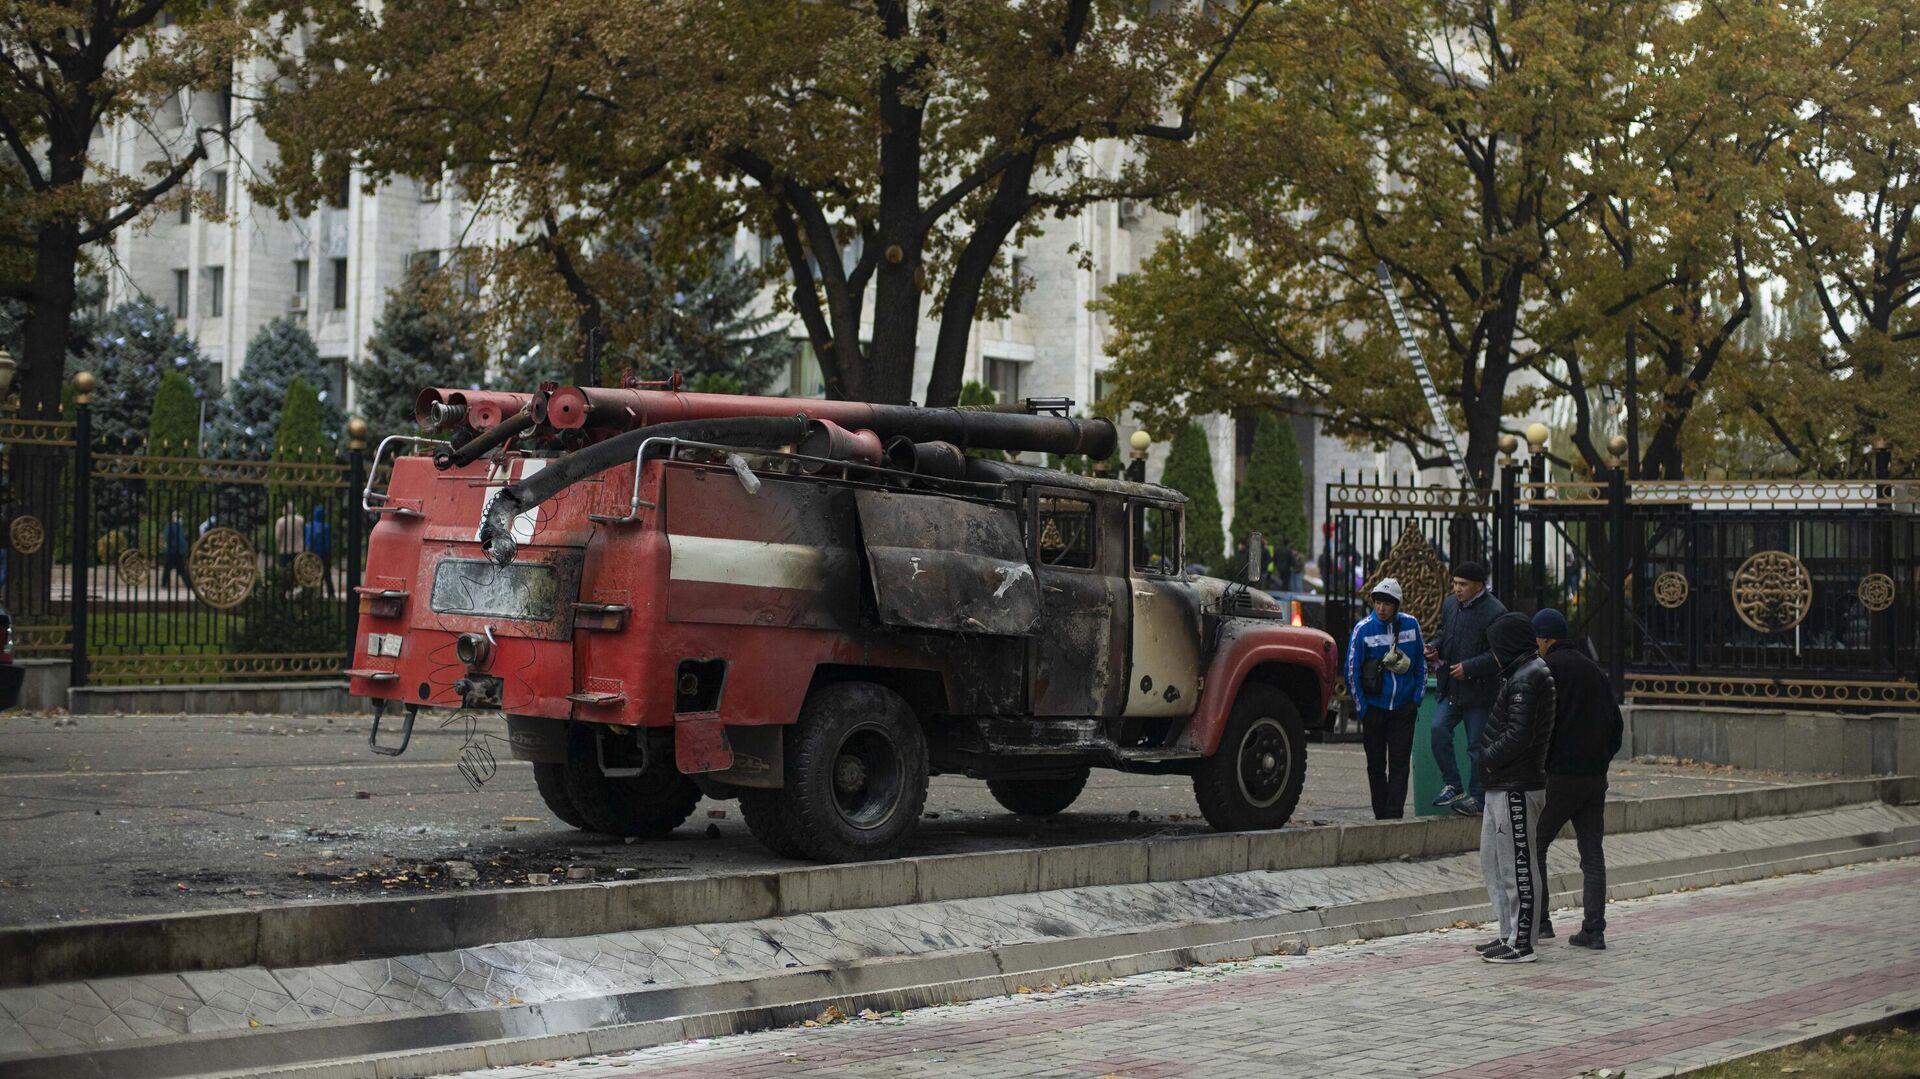 Сожженная пожарная автомашина на центральной площади Бишкека Ала-Тоо - РИА Новости, 1920, 06.10.2020